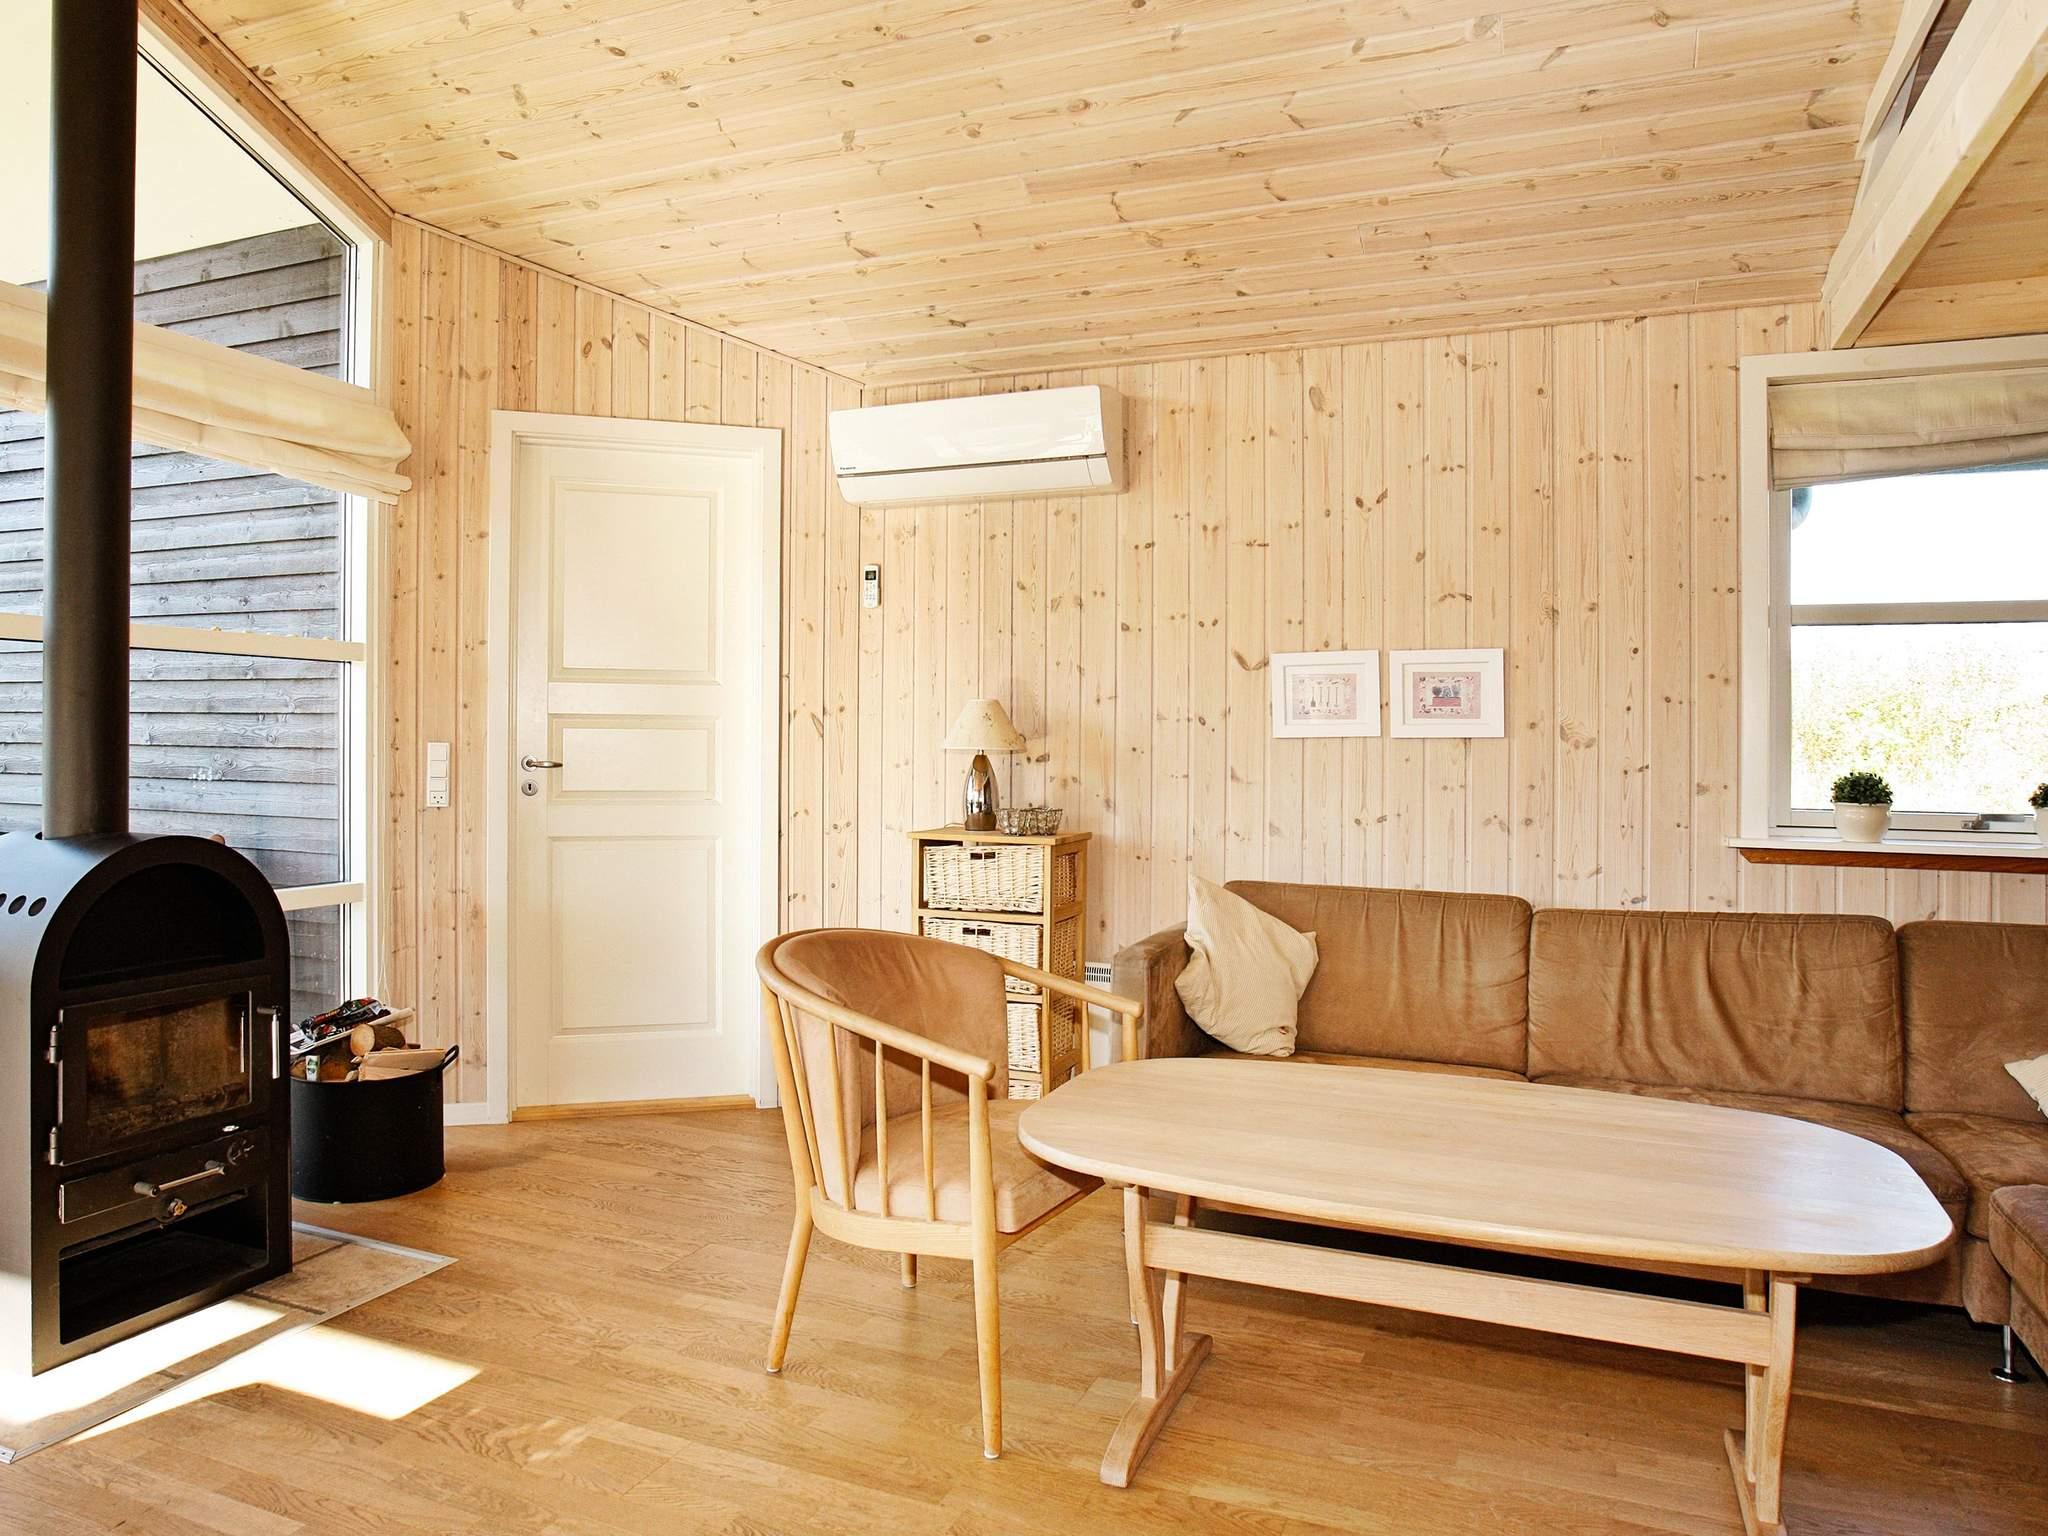 Ferienhaus Kærgården (125622), Vestervig, , Limfjord, Dänemark, Bild 2